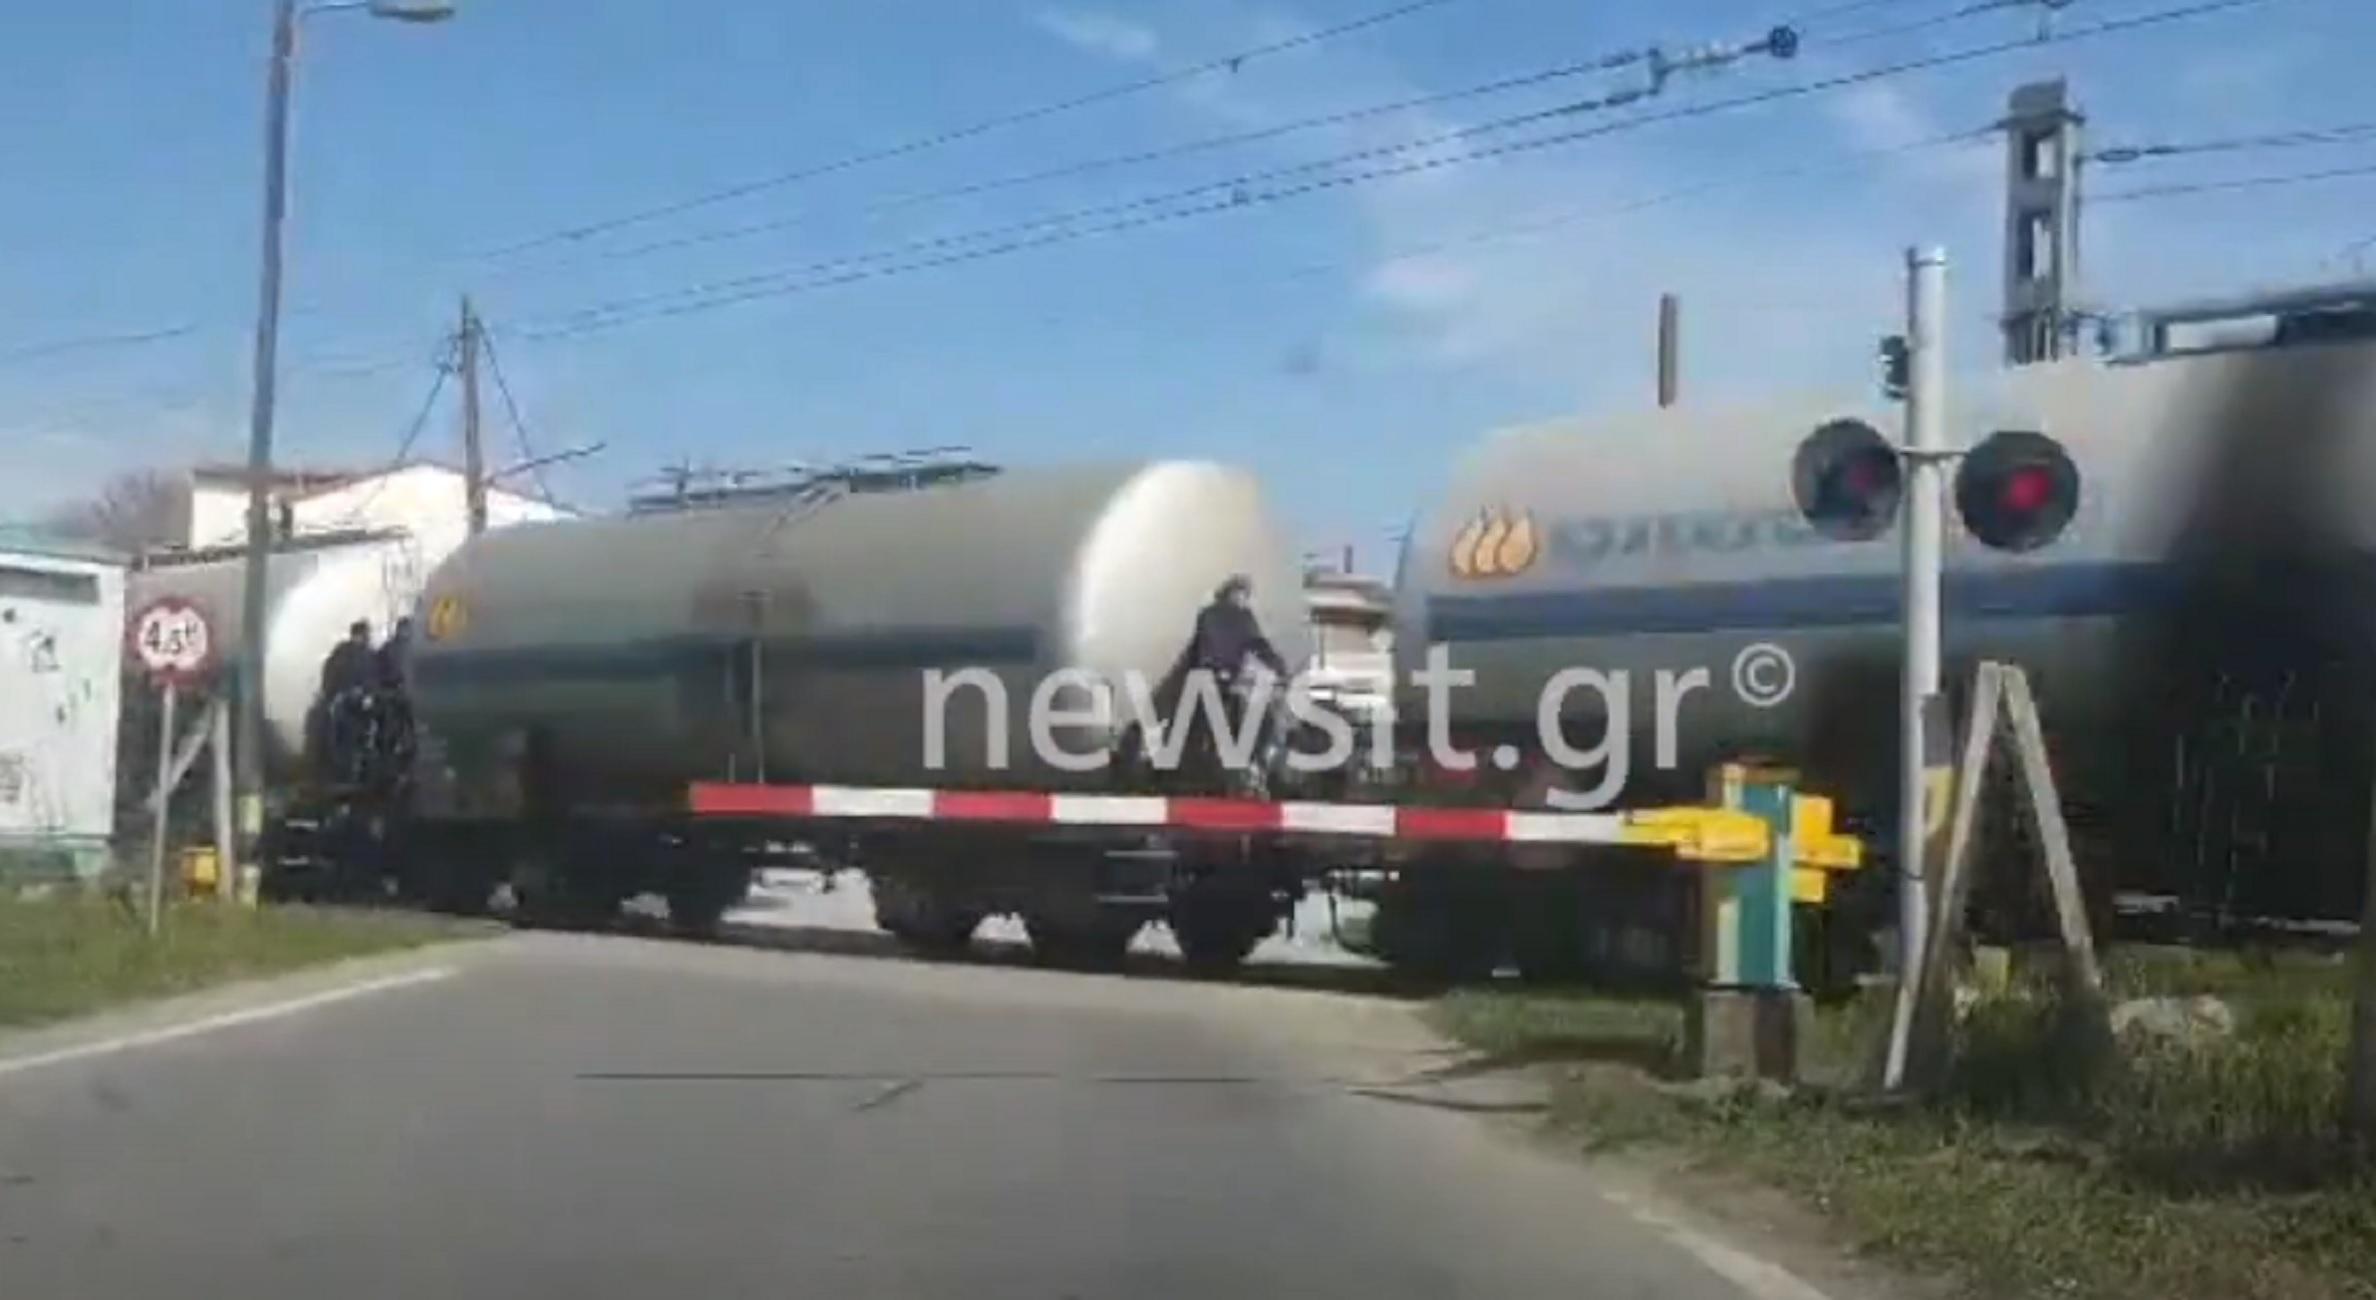 Ειδομένη: Σκαρφαλώνουν σε τρένα και παίζουν τη ζωή τους κορώνα γράμματα – Βίντεο ντοκουμέντο που καθηλώνει